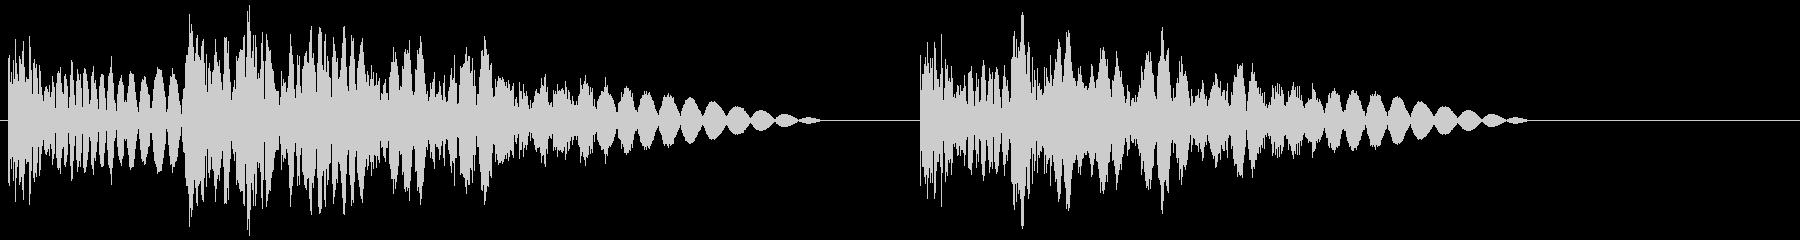 ボココッビシッ(ラッシュ攻撃)の未再生の波形